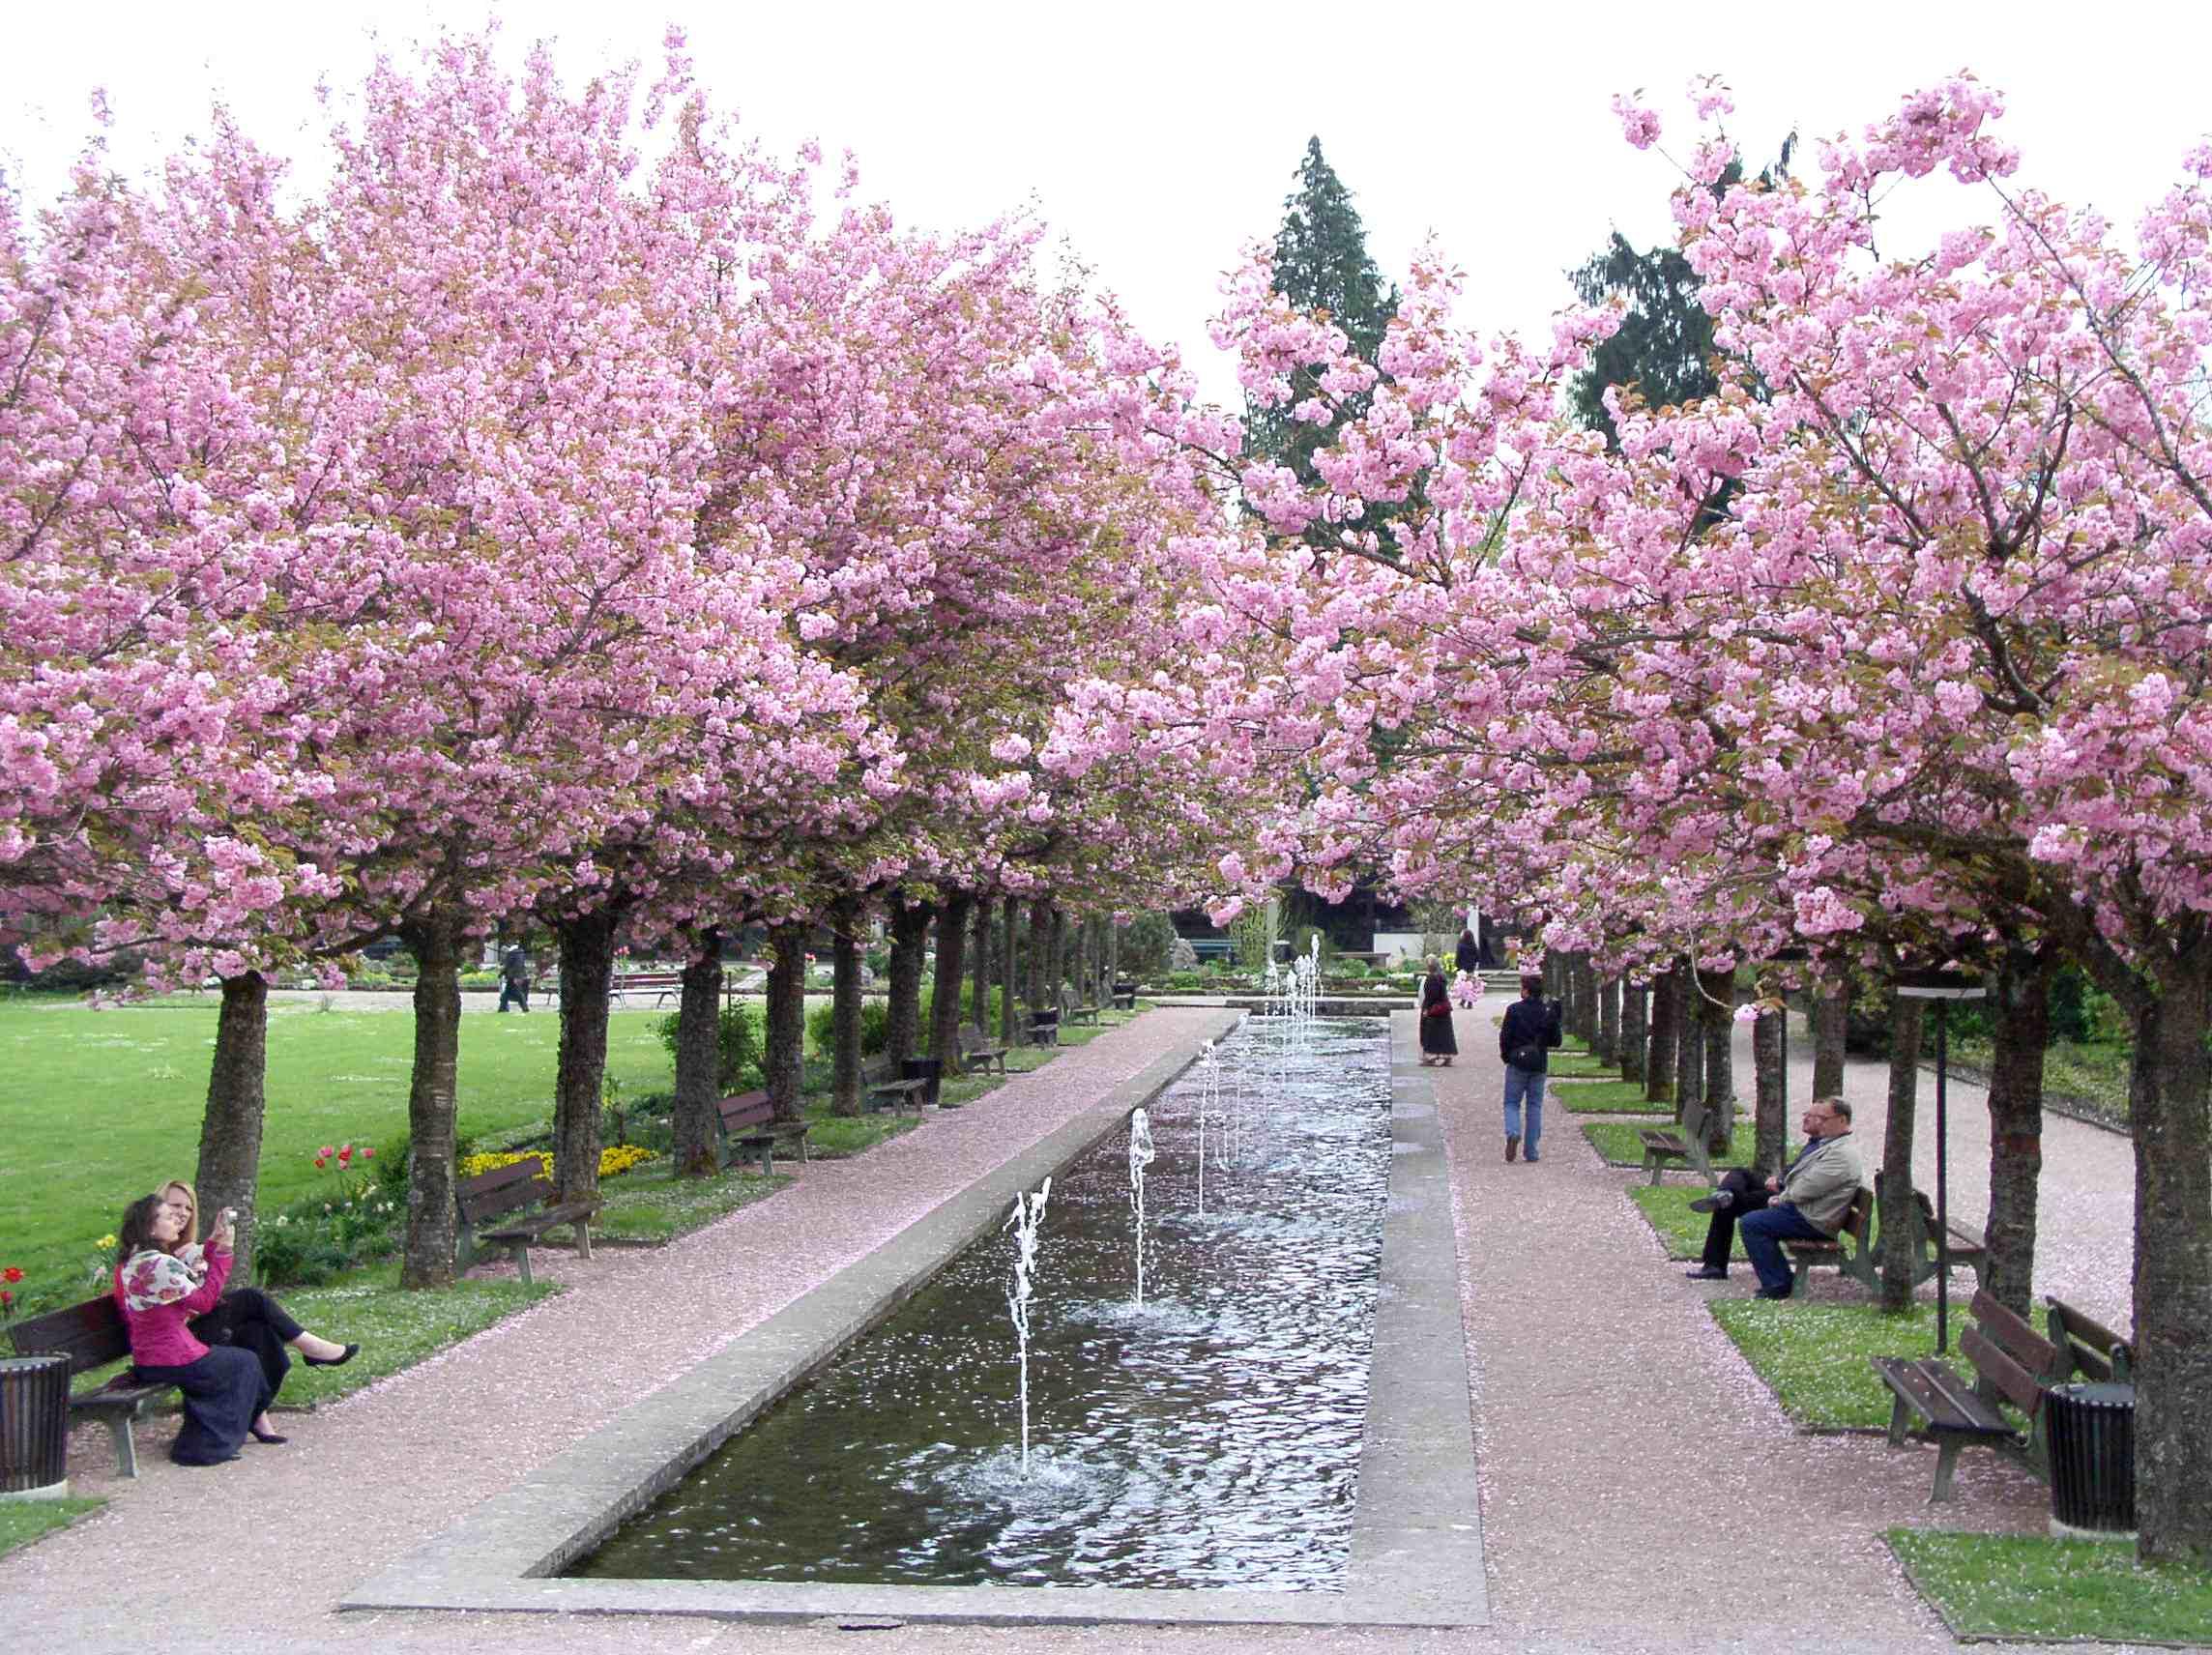 Ảnh những cây hoa Anh Đào Nhật Bản đẹp